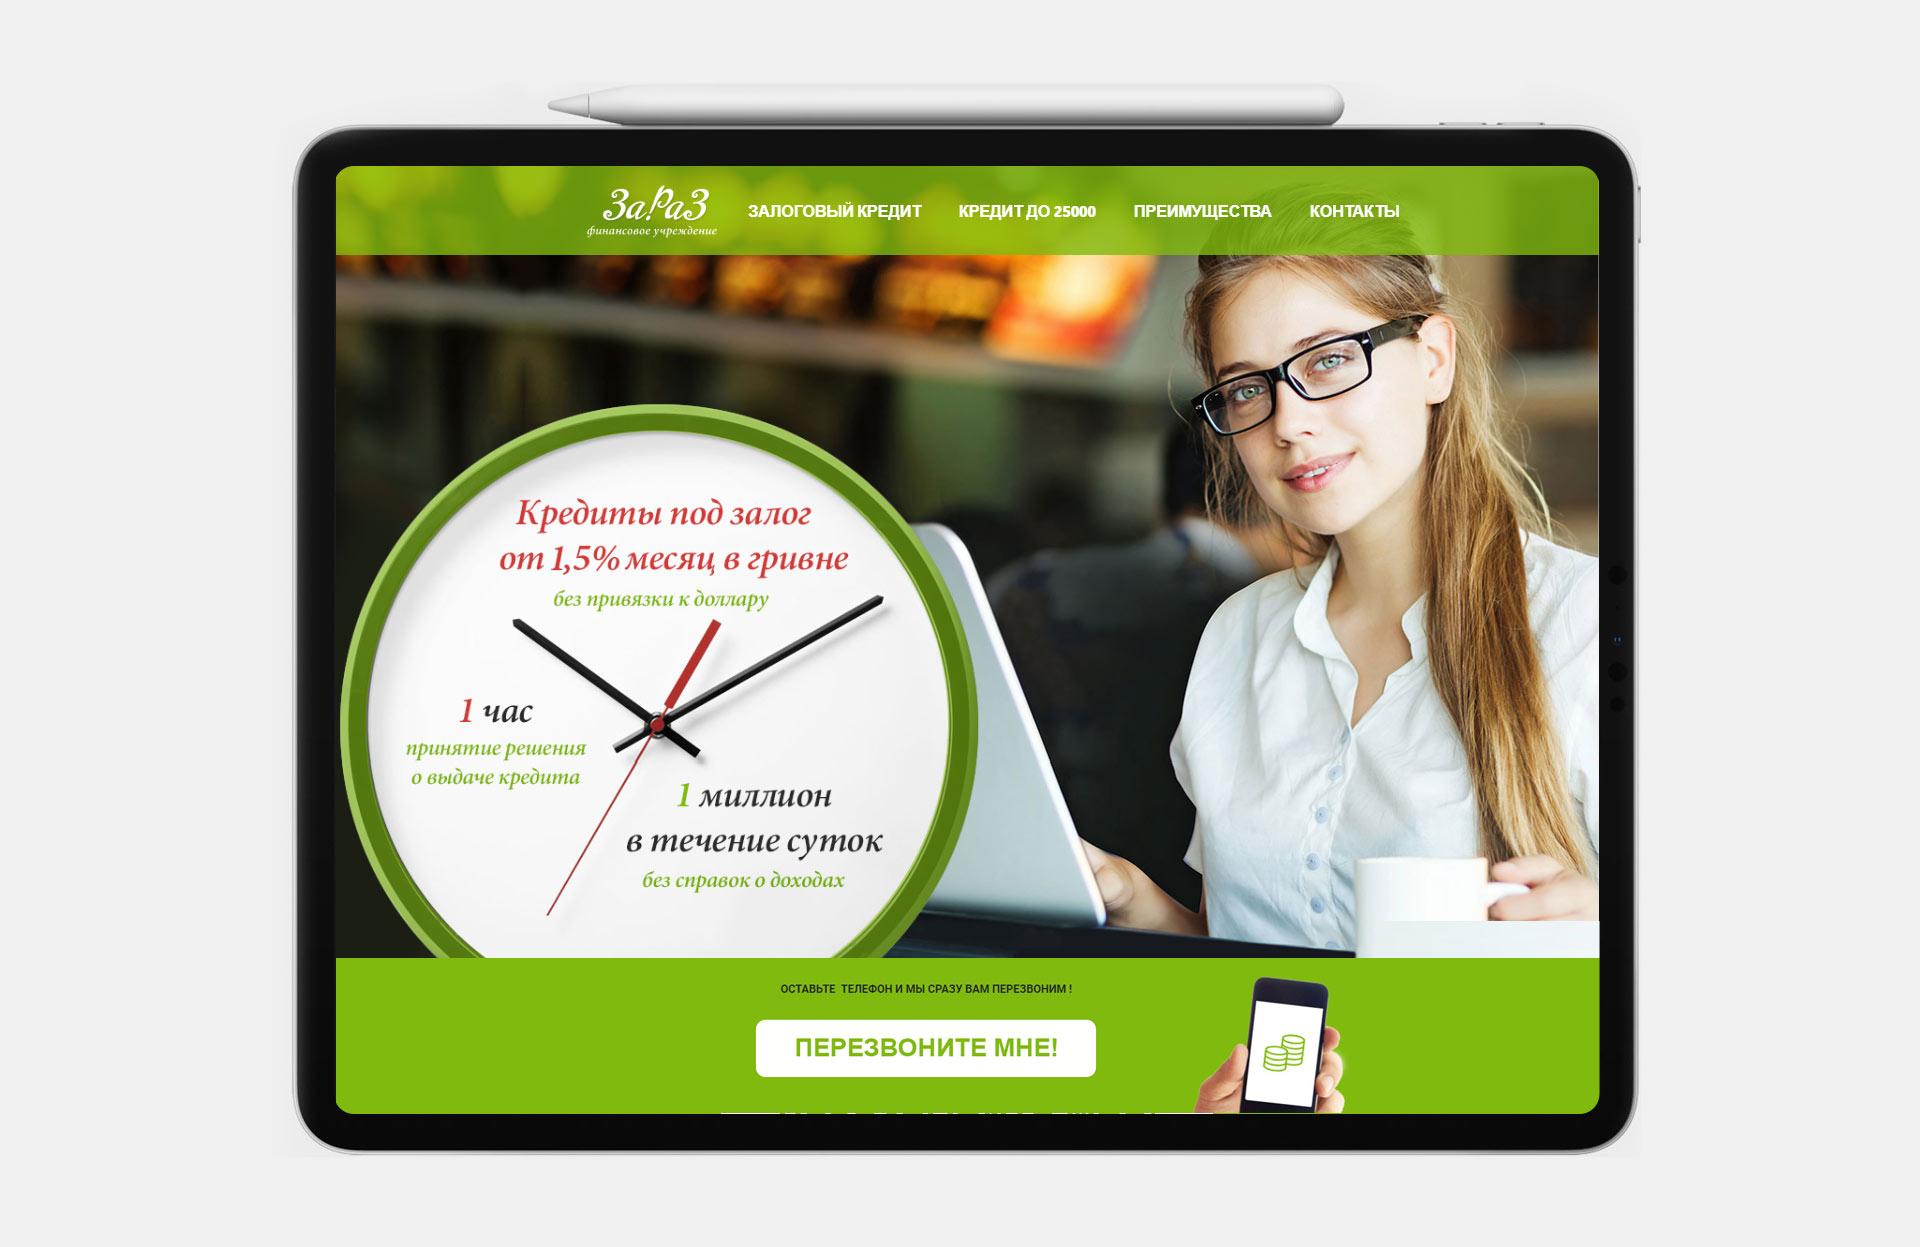 разработка лендинг пейдж кредитного сайта